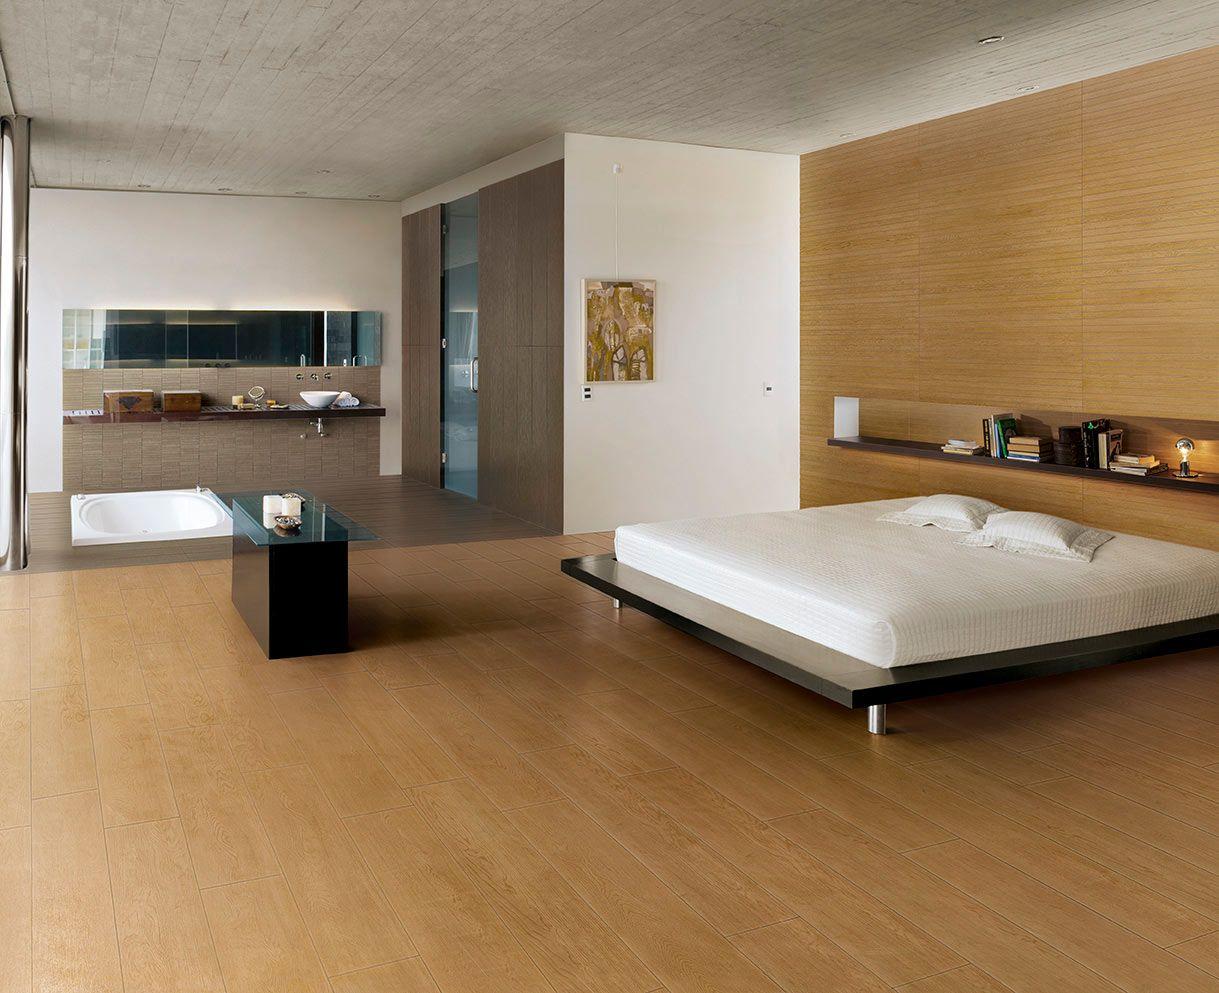 Cera Per Gres Effetto Legno il pavimento in gres porcellanato effetto legno color blond